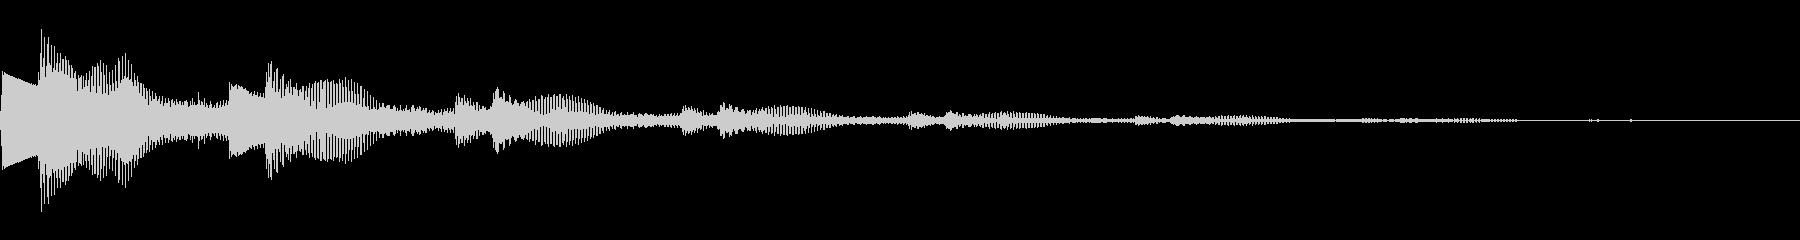 決定音/ボタン/システム/シンプル A2の未再生の波形